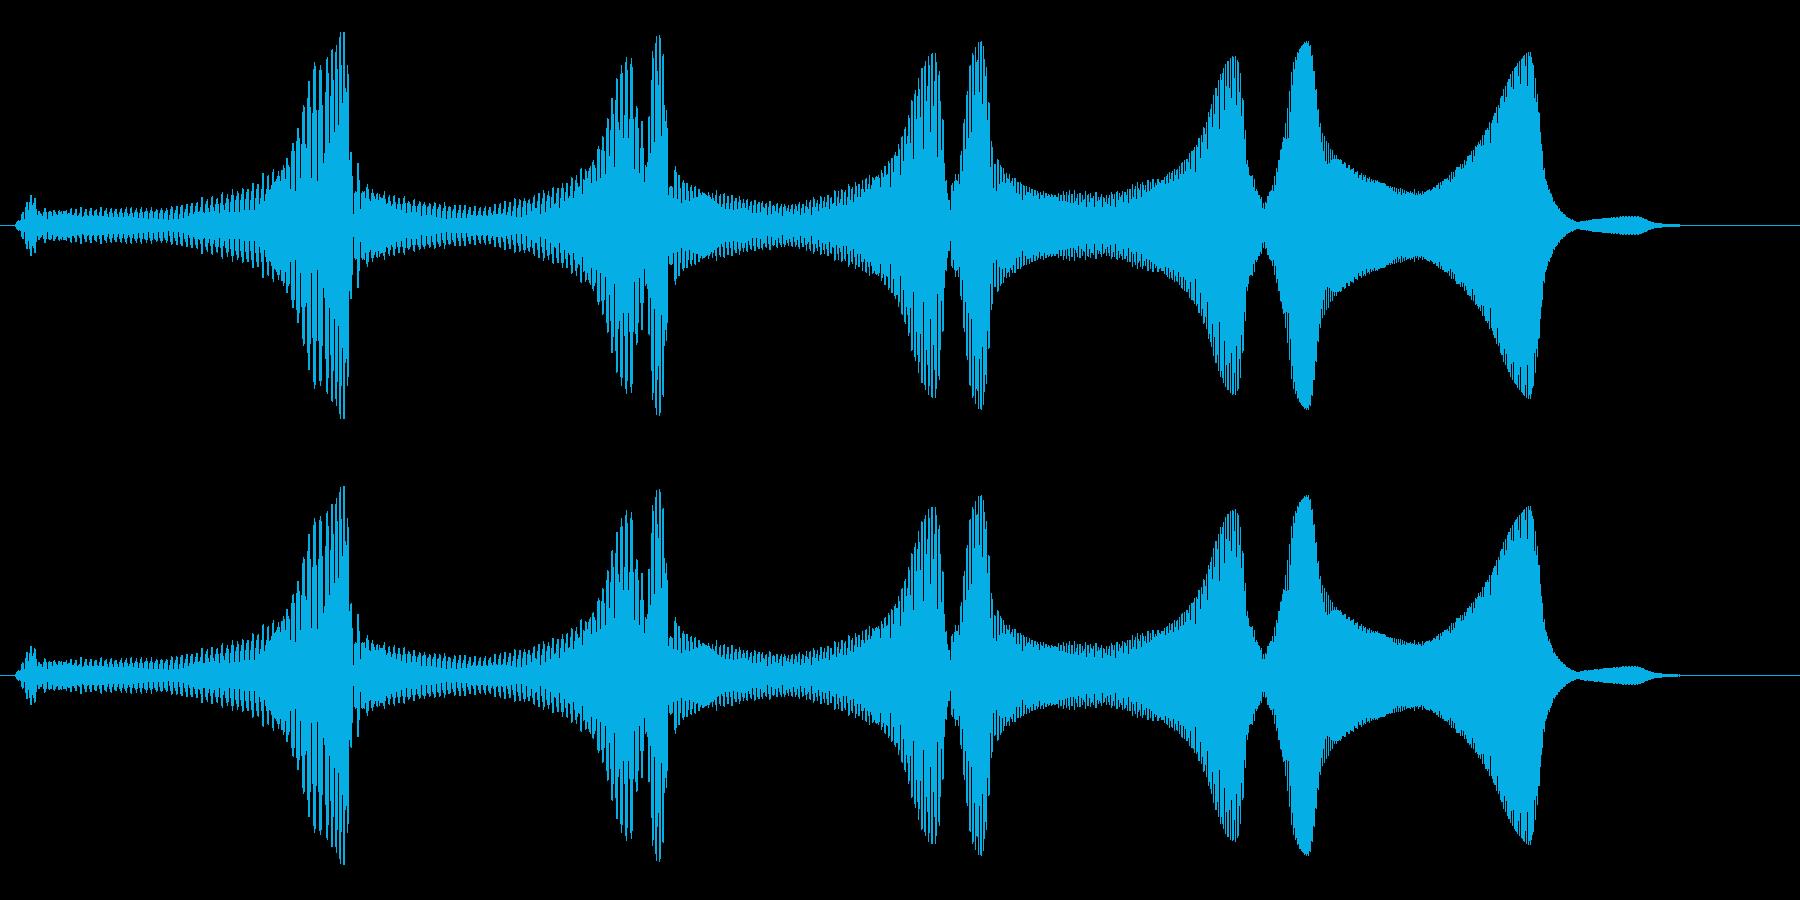 未確認飛行物体系の飛行音の再生済みの波形